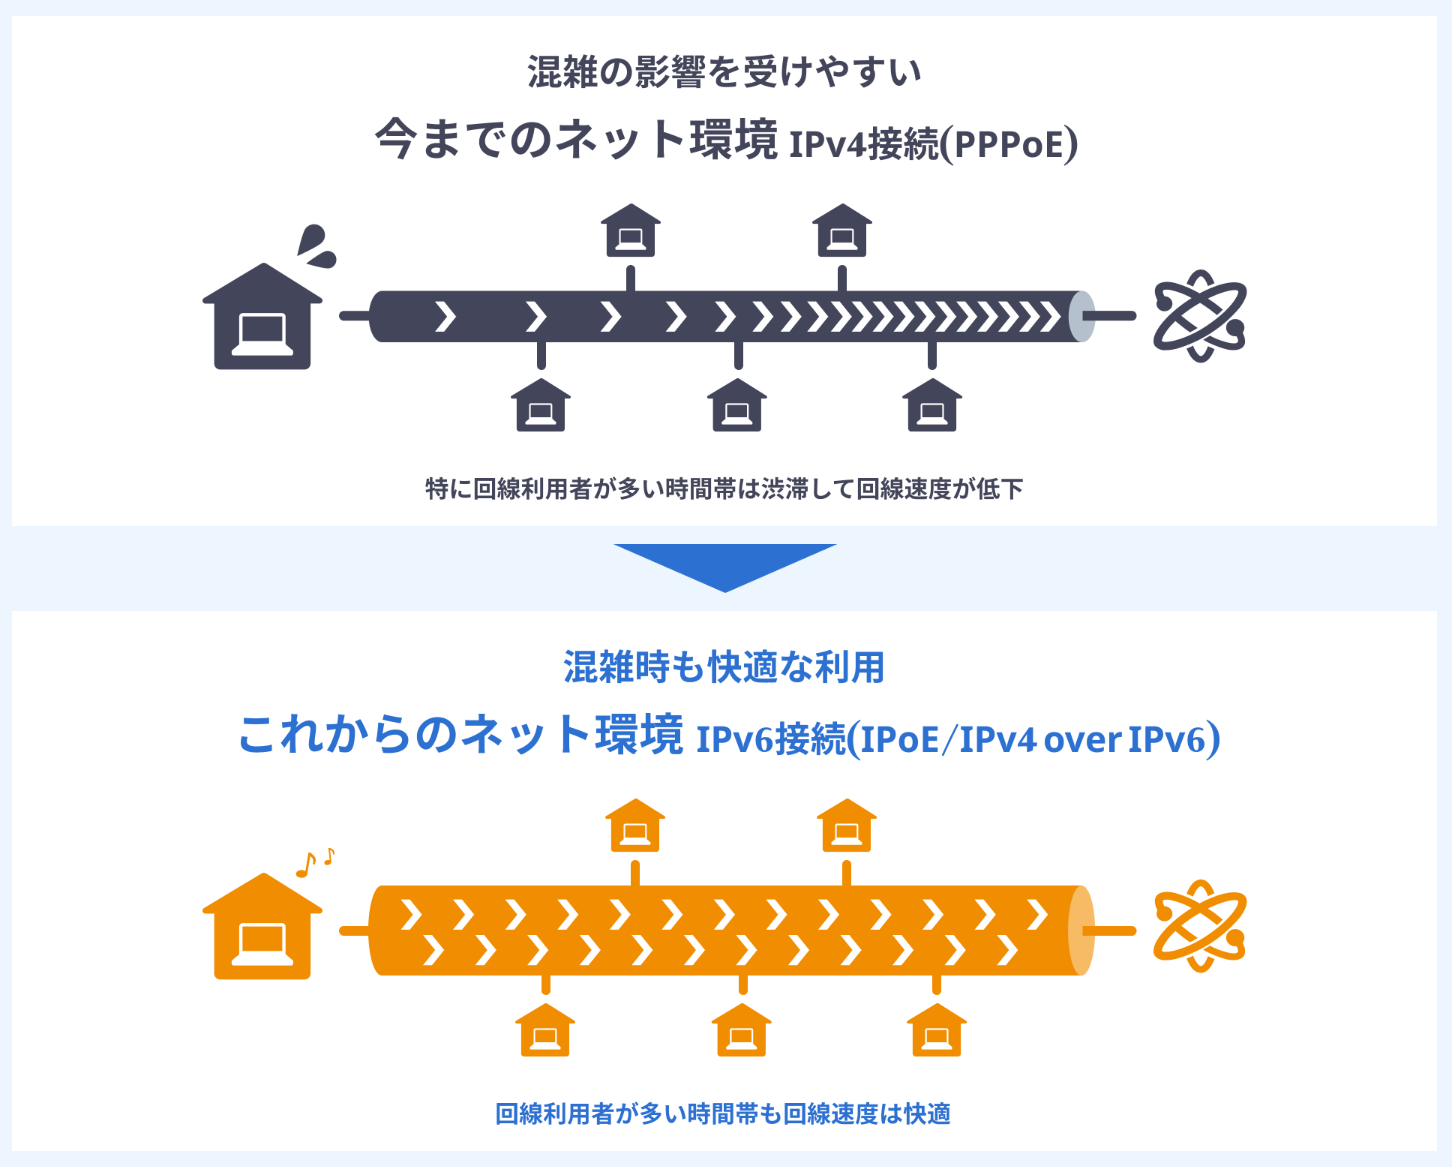 楽天ひかりの「IPv6接続(IPoE/IPv4 over IPv6)」という次世代の通信技術